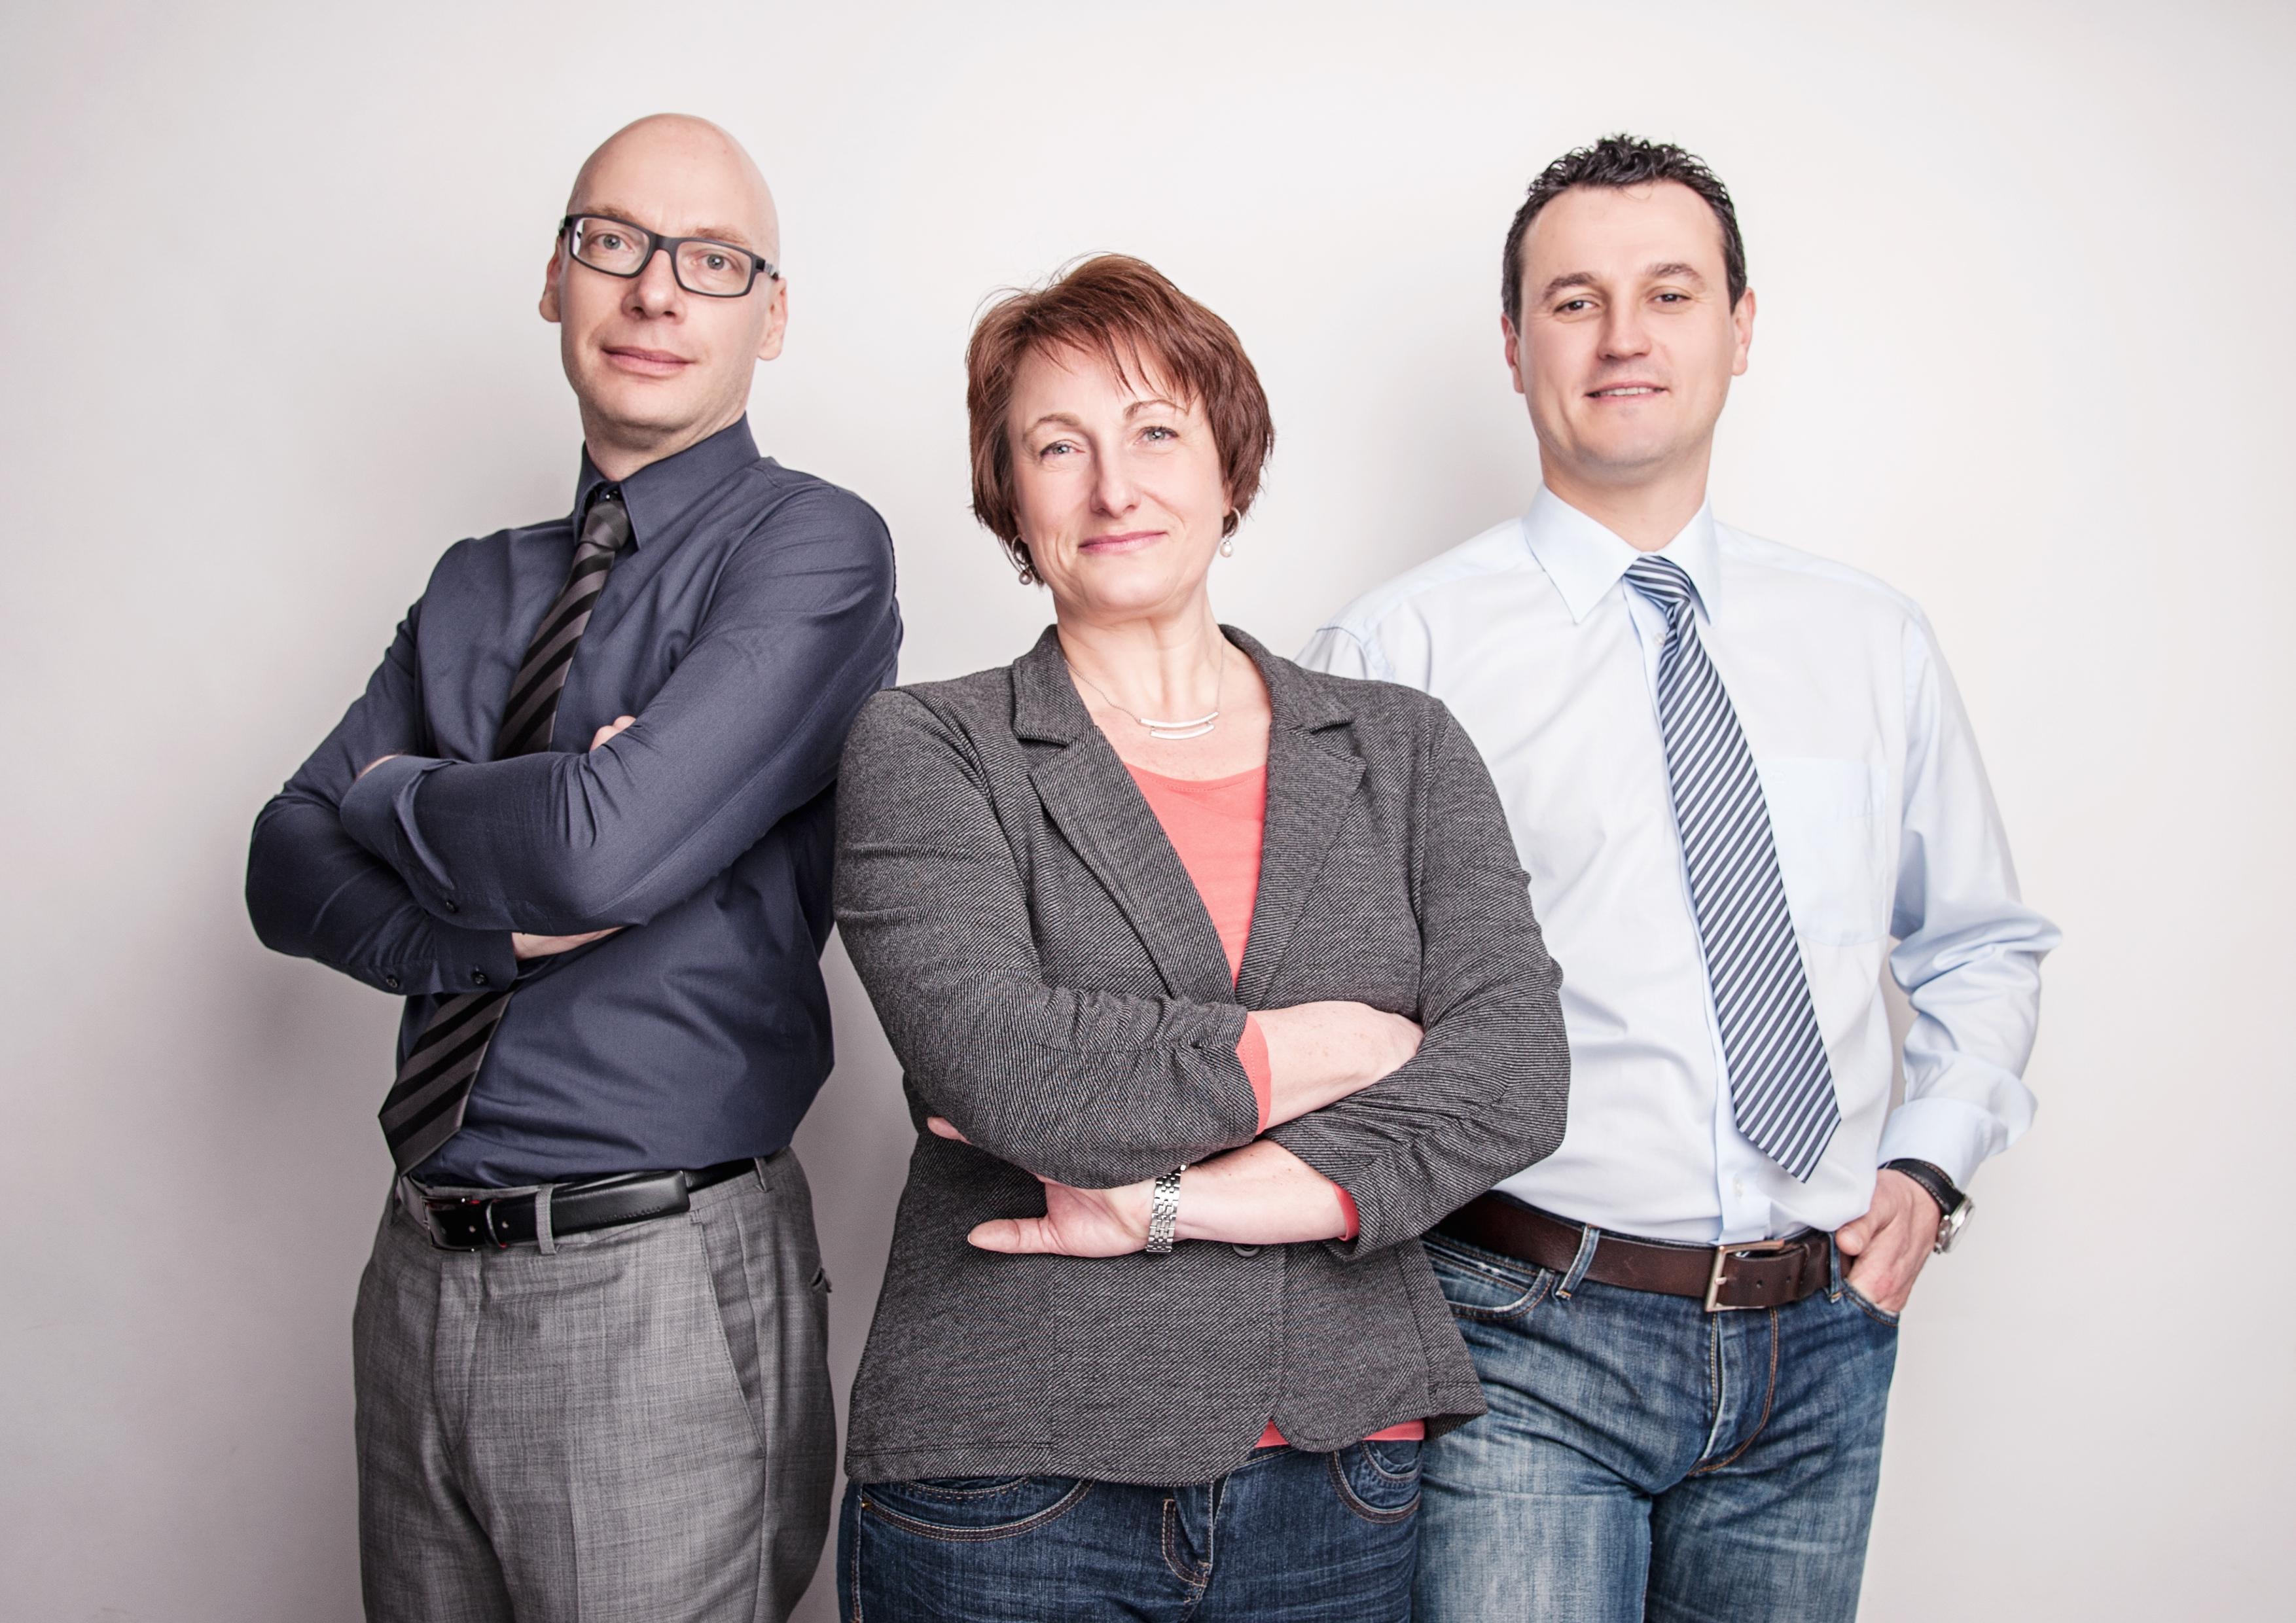 Michael Köllner – Vertriebsleiter, Angela Krah – Vertriebsleiterin Lichttechnik, Rolf Bormet – Geschäftsführer, Phoenix Mecano Digital Elektronik GmbH